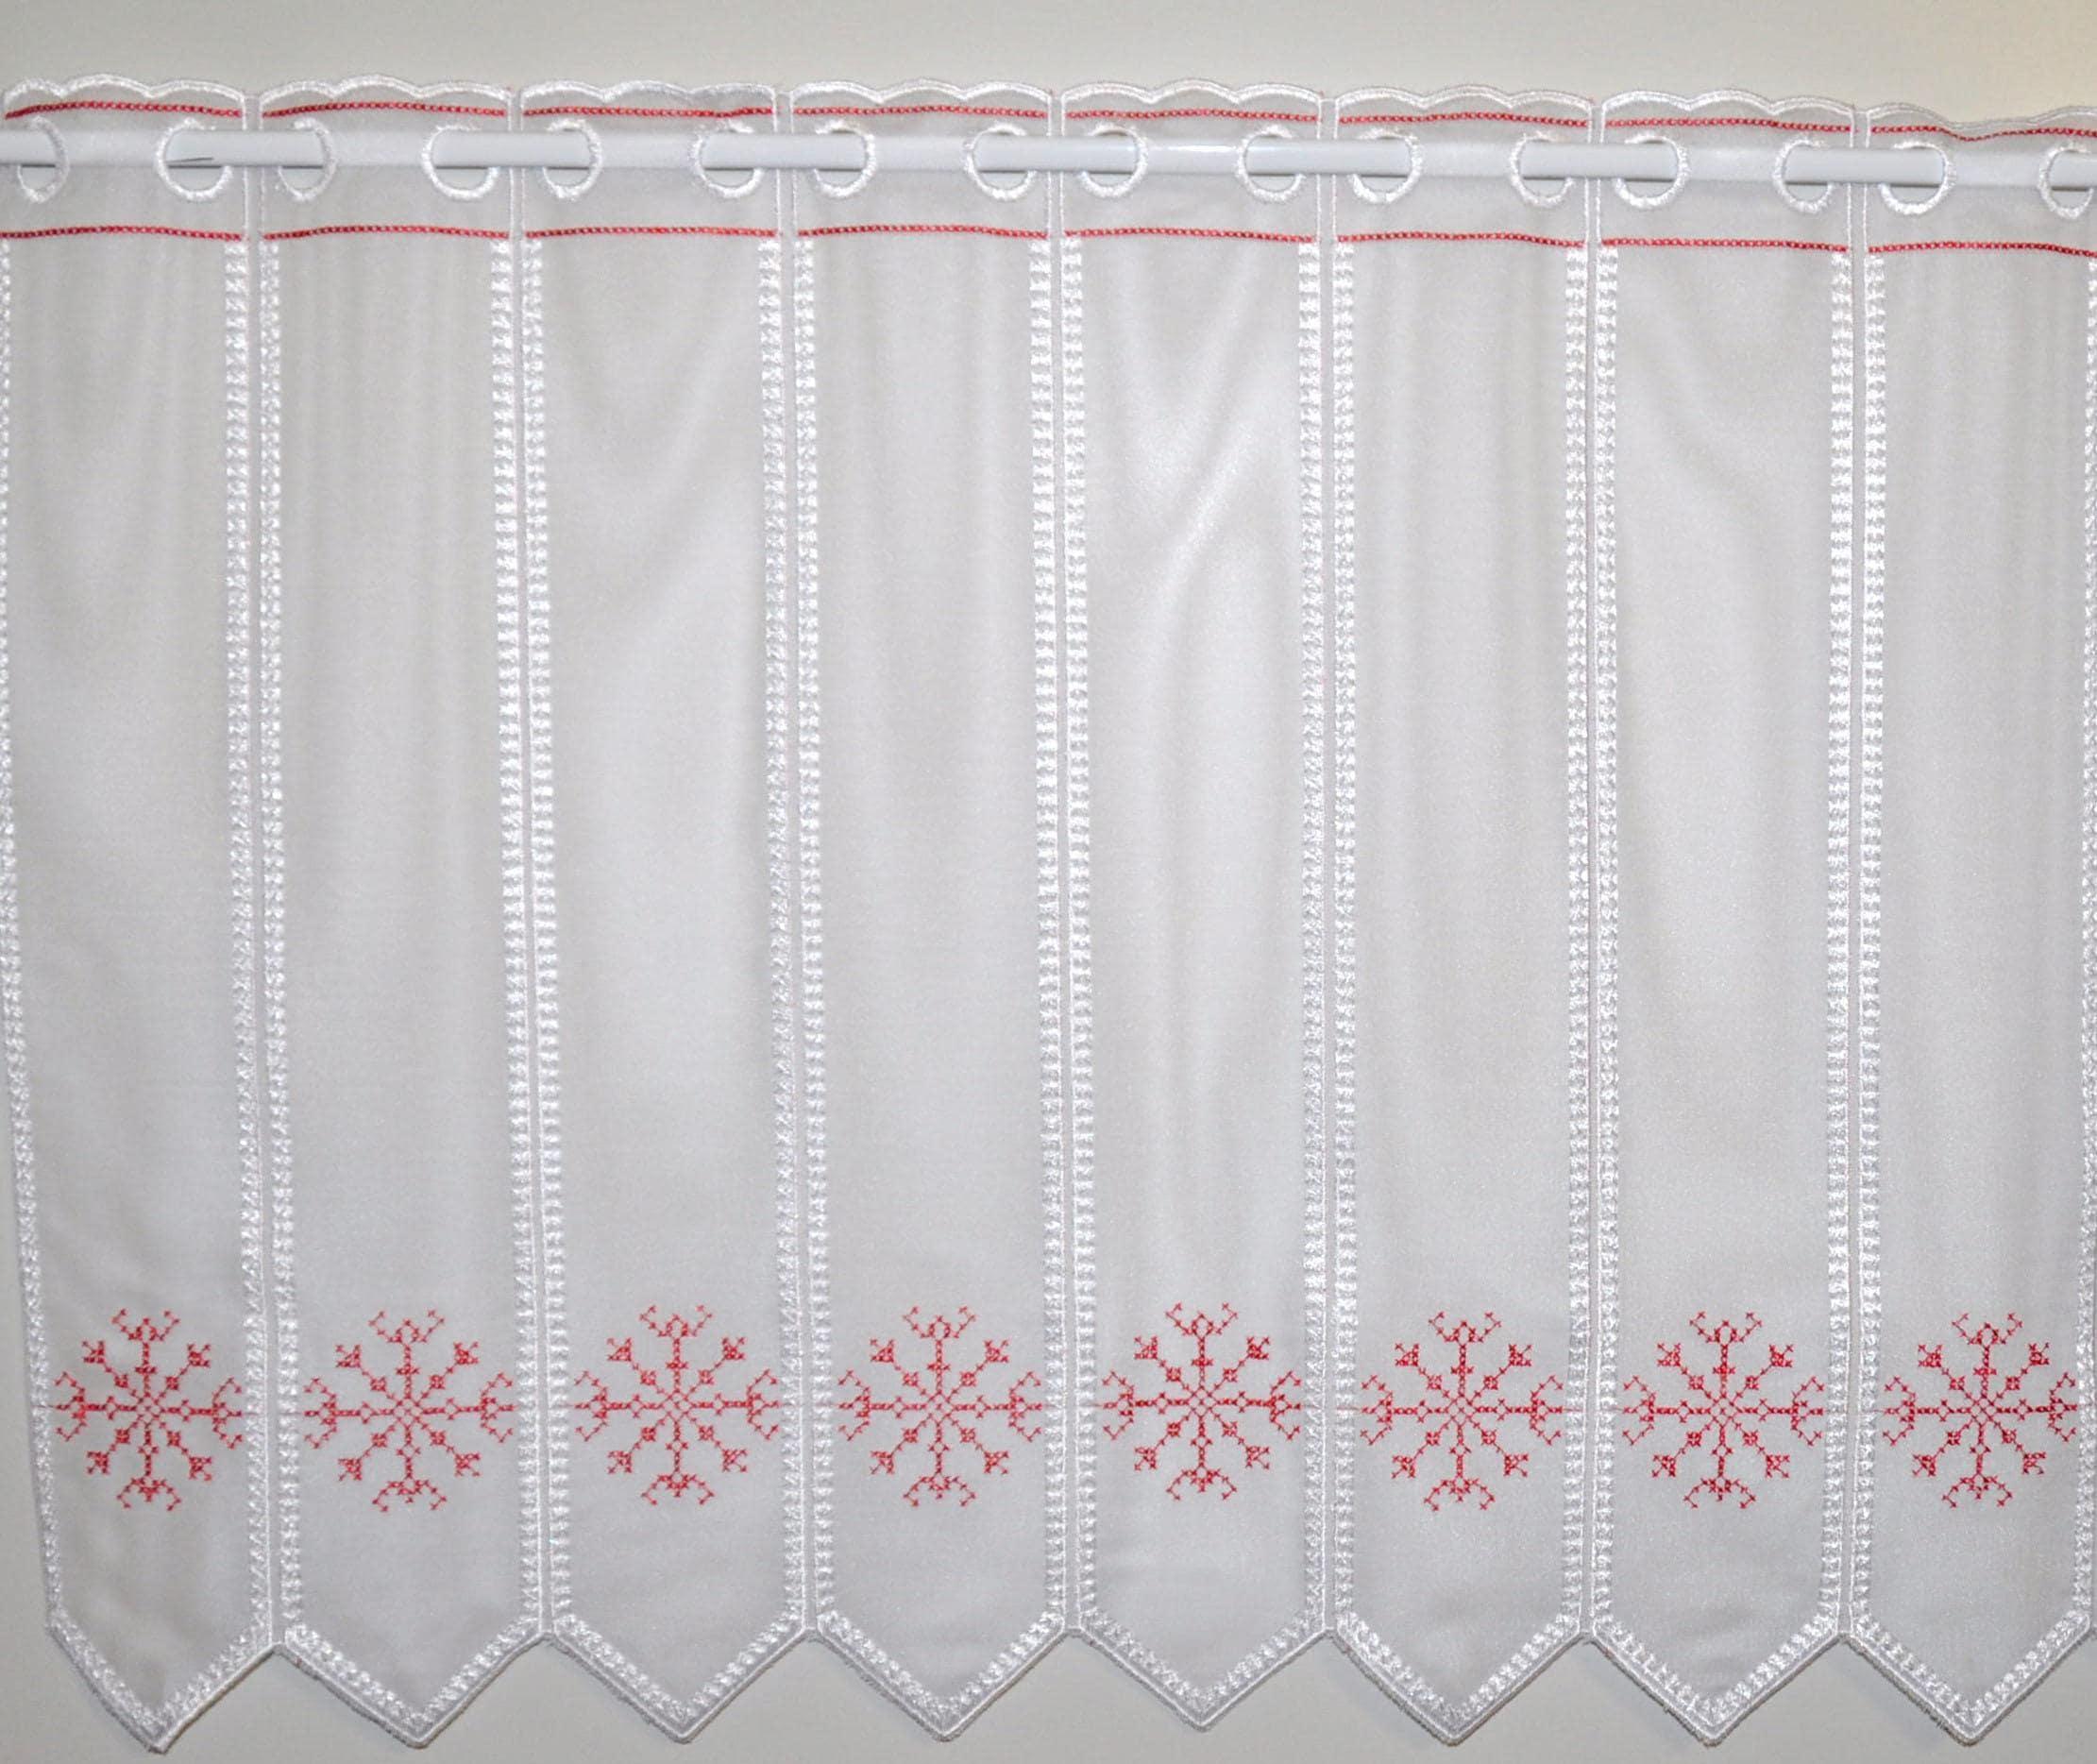 Scheibengardine, Kristall, Stickereien Plauen, Stangendurchzug 1 Stück weiß Gardinen nach Aufhängung Vorhänge Gardine